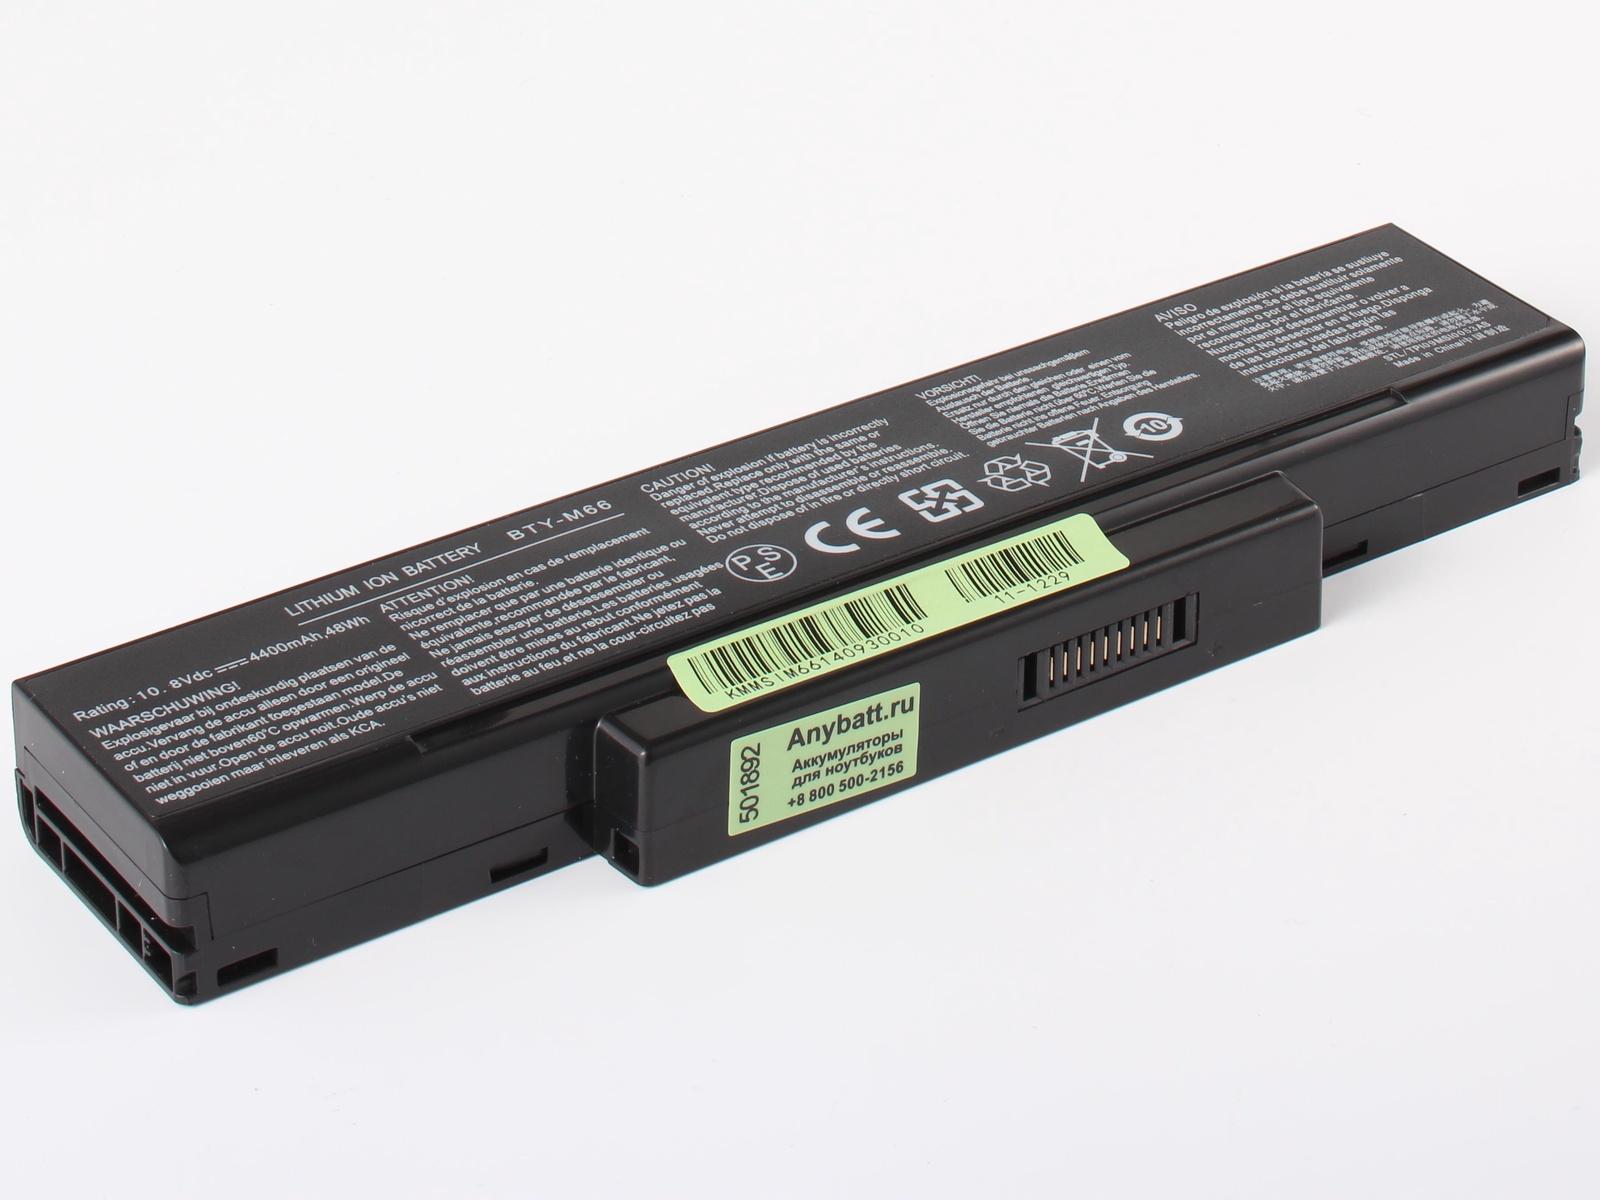 Аккумулятор для ноутбука AnyBatt для MSI GX400, EX720, GX610, M655, EX620, PR620, VR630, CX420-219, GX720, GT72S 6QF, CX410, CX413, CR460, GT72S 6QD, GE603, GX633, M677, GT72S 6QD Dominator G, M673, GT735, EX623, EX460X